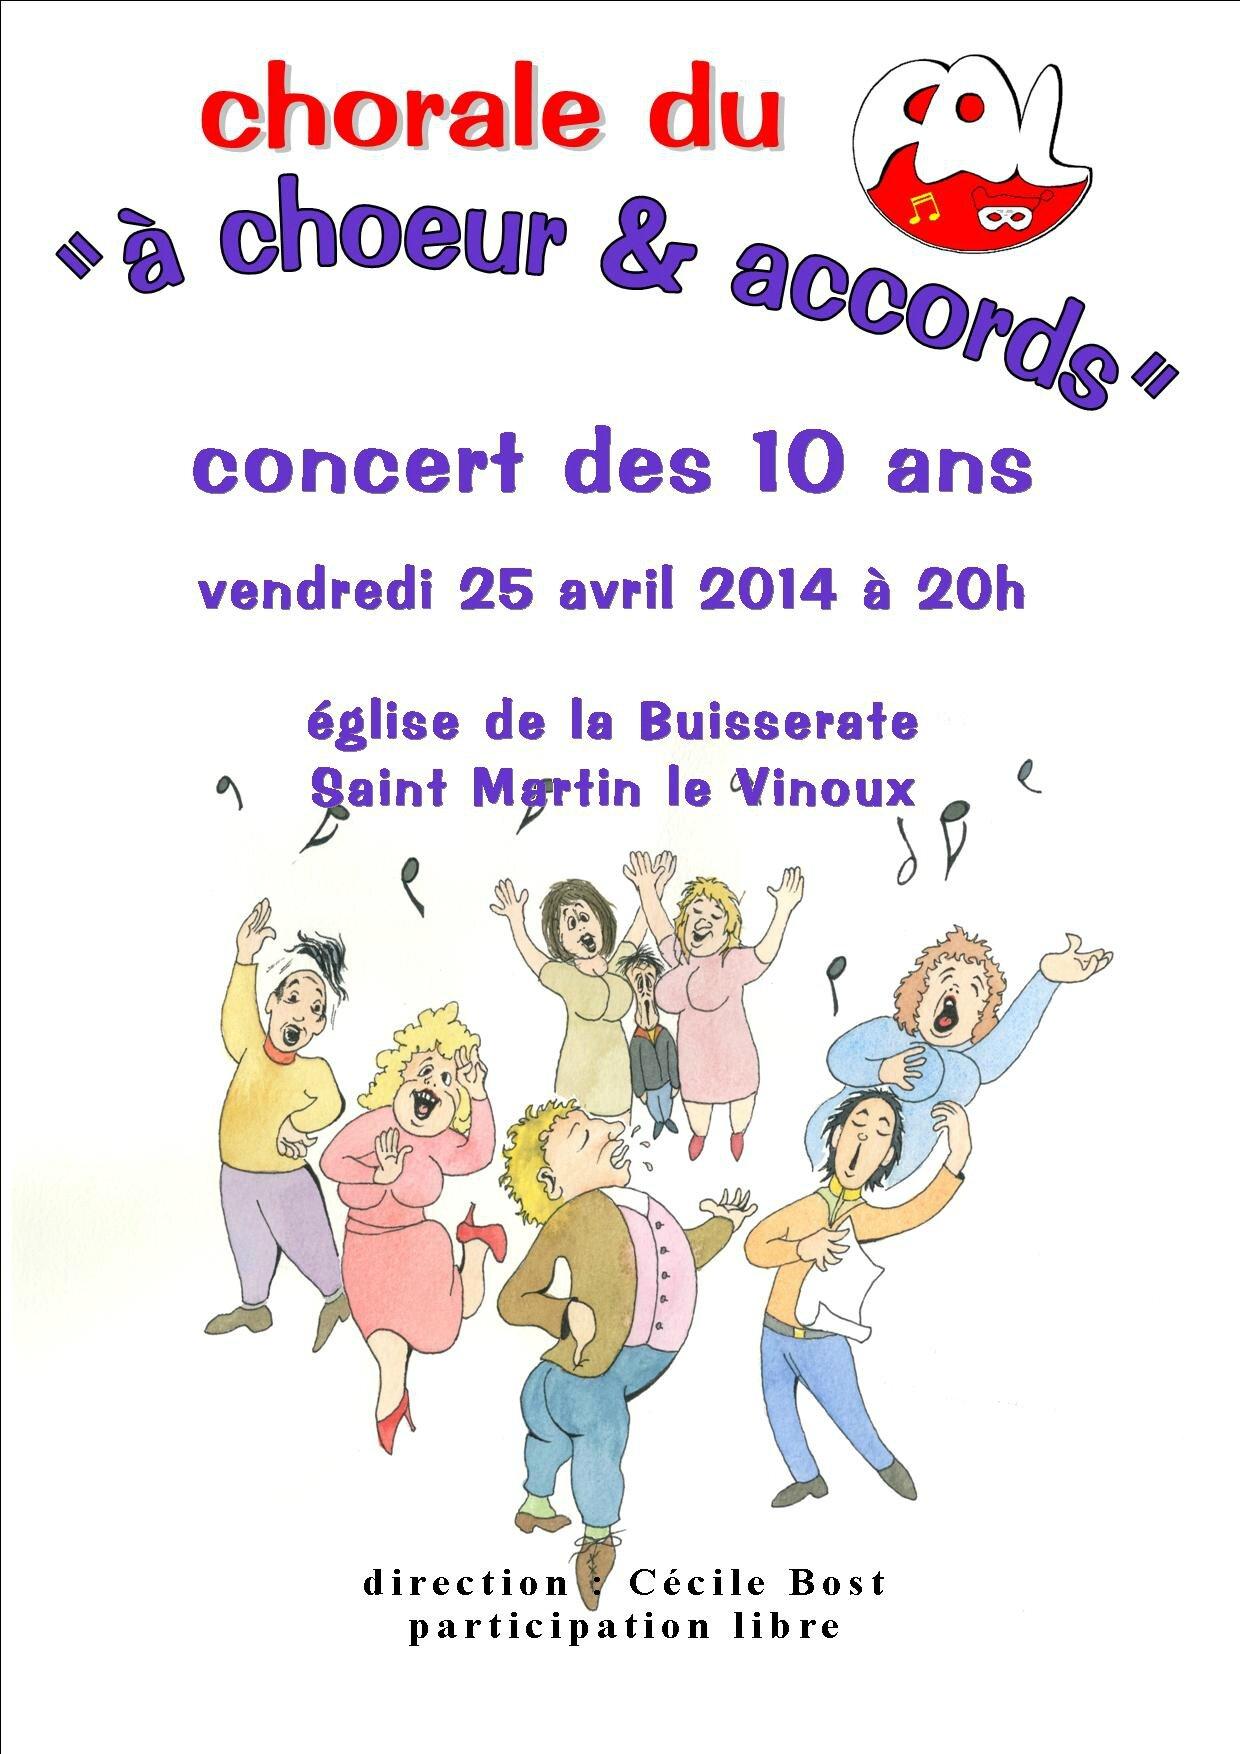 Les 10 ans de la chorale a coeur et accord l 39 cho du n ron - Chorale coup de coeur laval ...